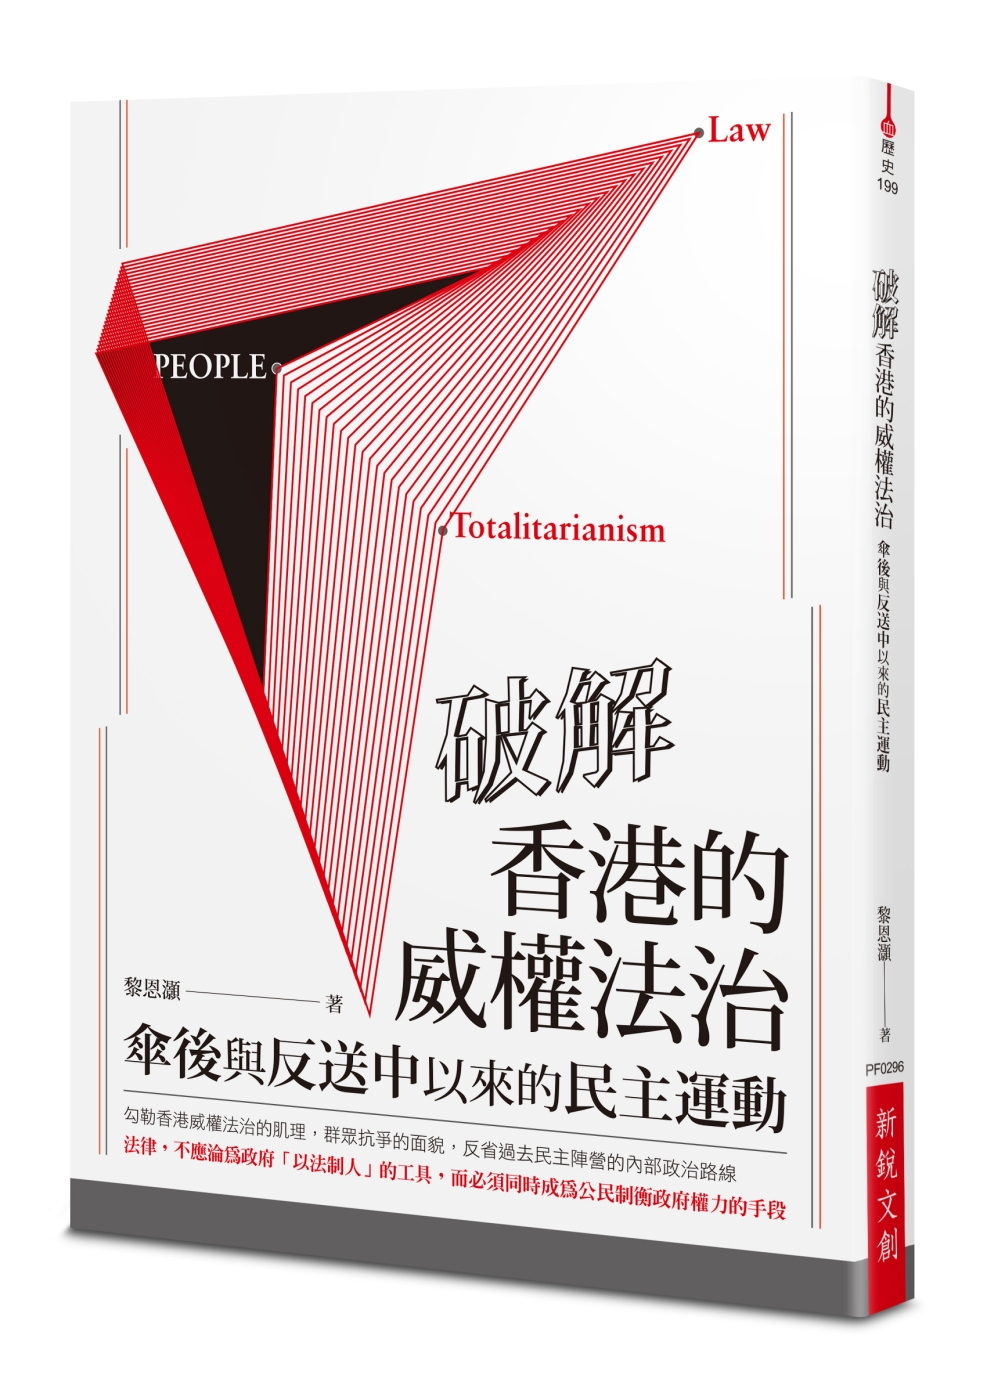 破解香港的威權法治:傘後與反送...